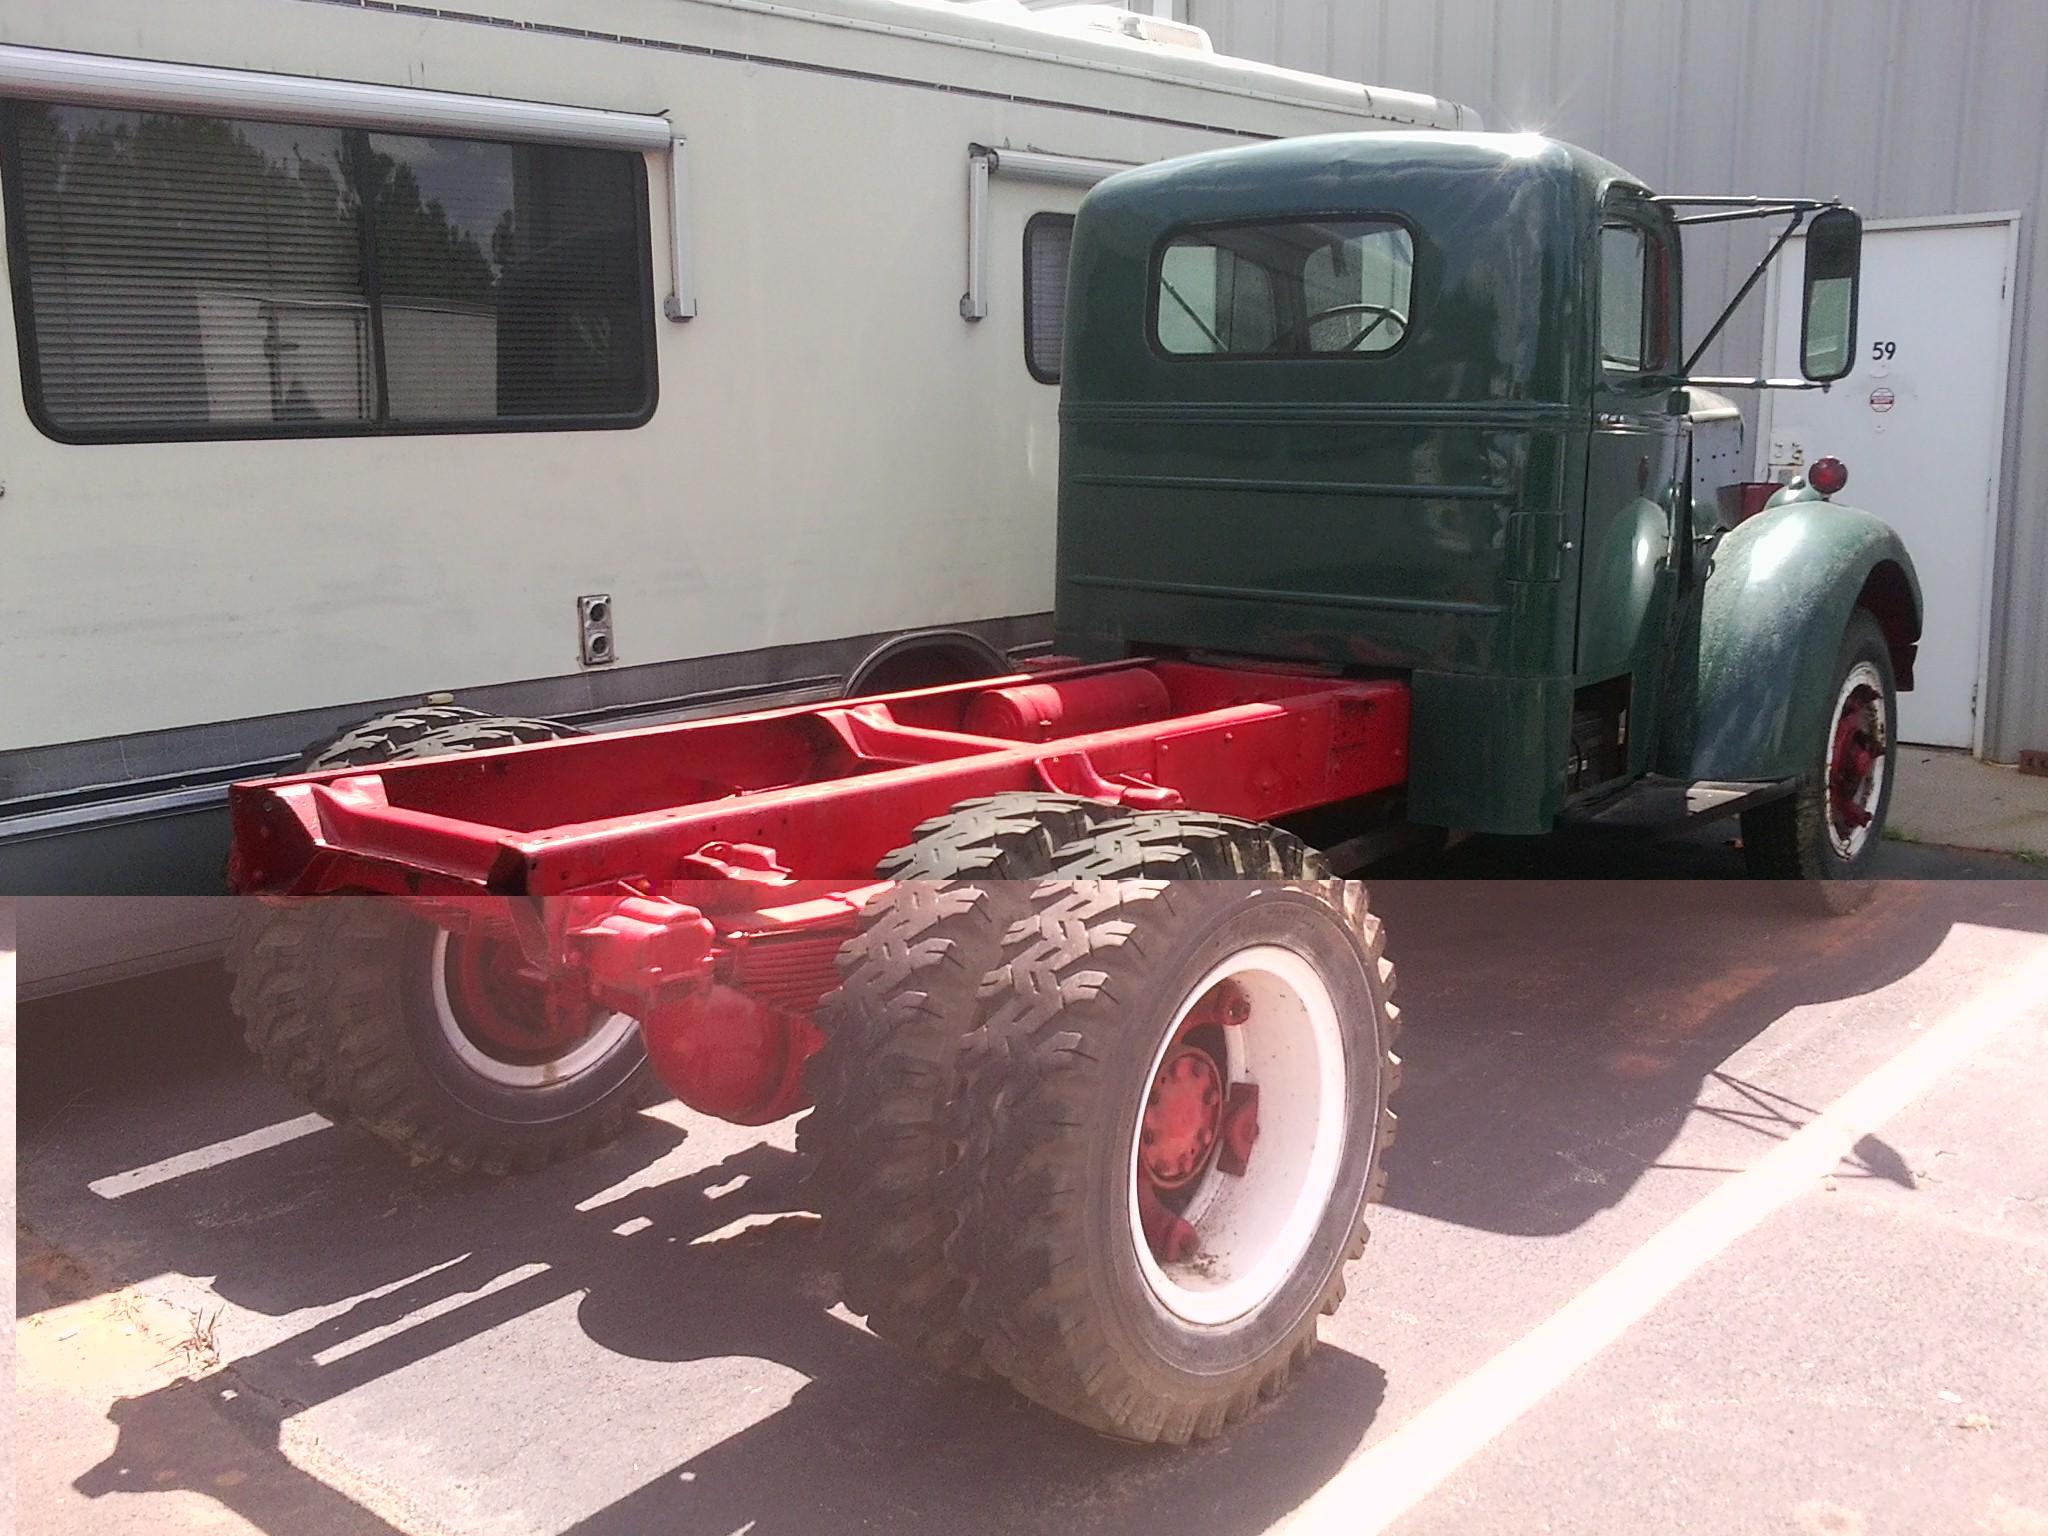 Old and Antique Mack Trucks For Sale: OLDMACK.COM Trucks ...